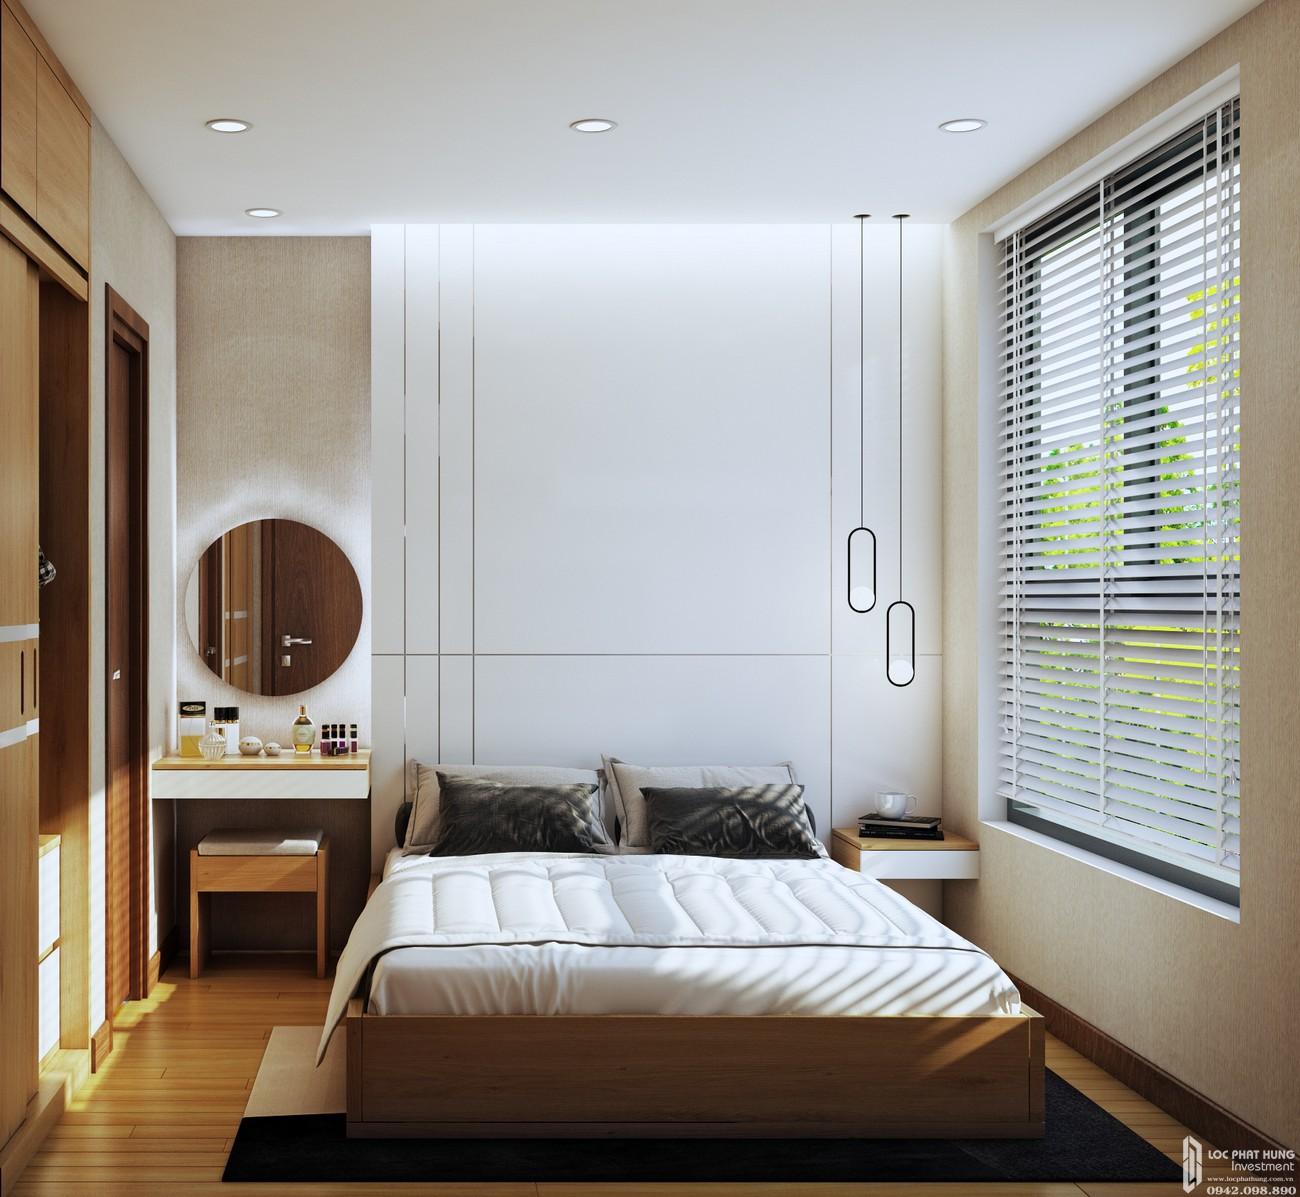 Nhà mẫu căn hộ chung cư Bcons Suối Tiên Loại B Dĩ An Đường Tân Lập chủ đầu tư Bcons